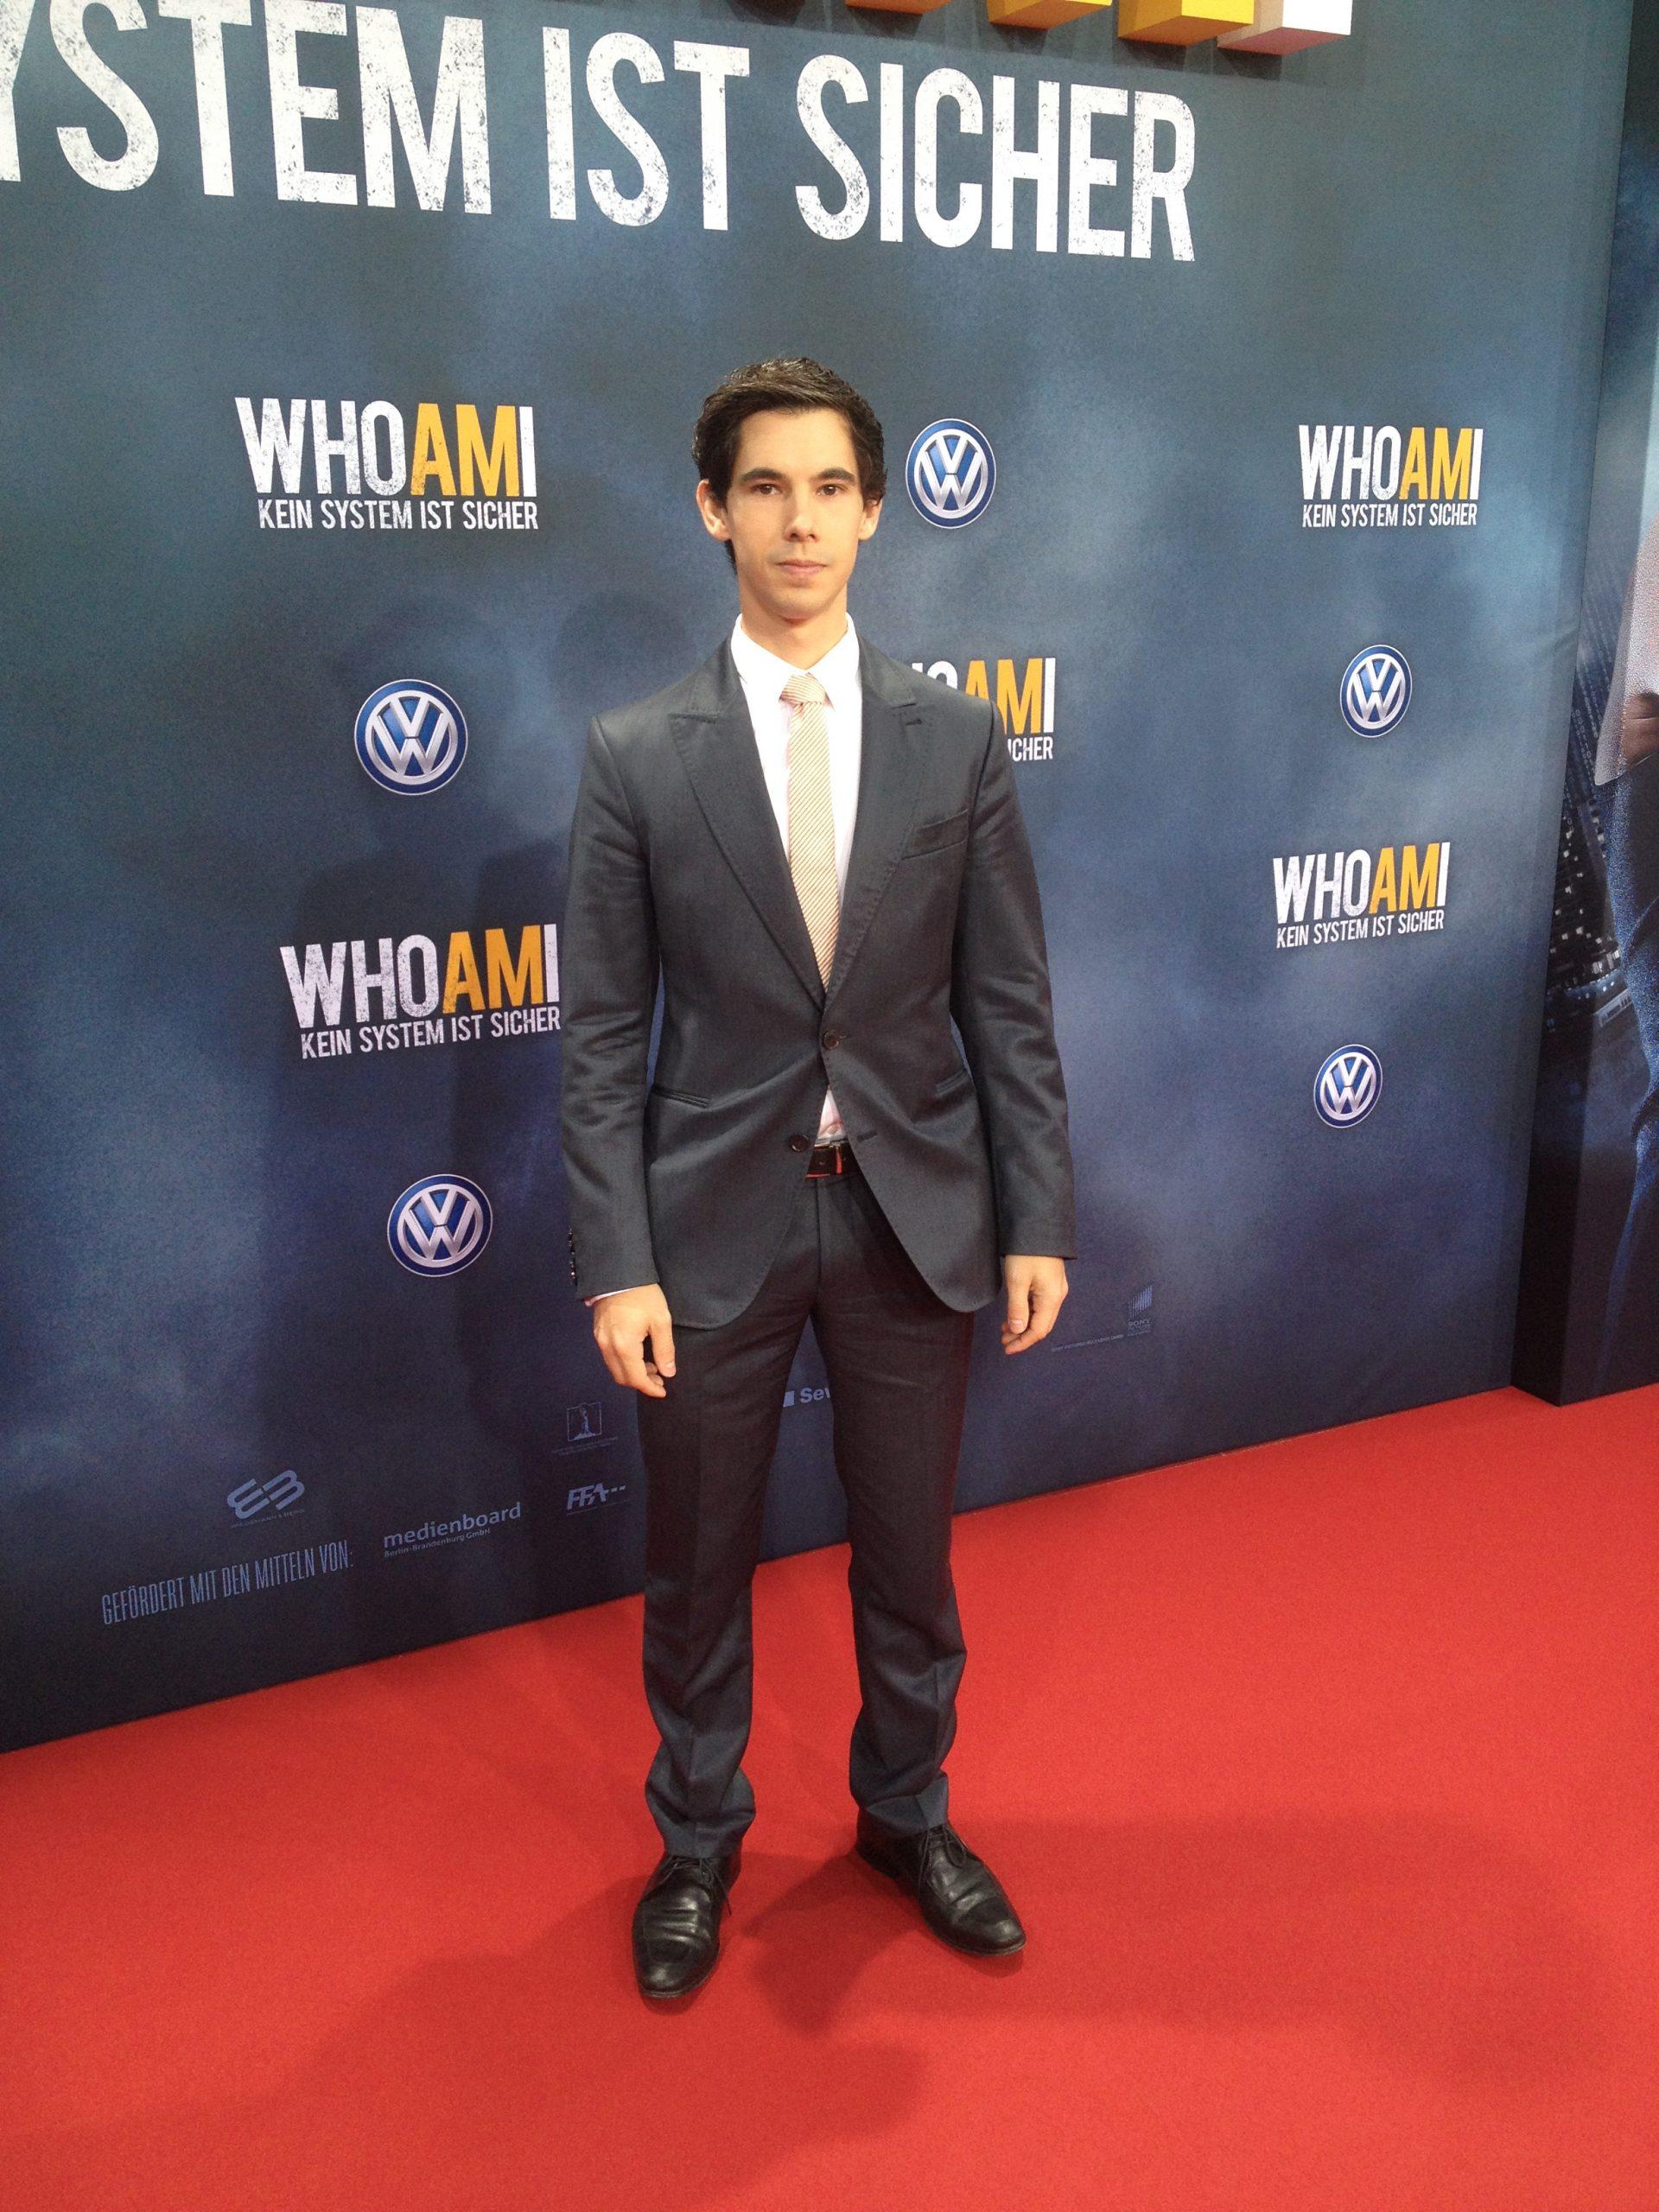 Alexander Merk auf dem Roten Teppich zur Filmpremiere Who am I in Berlin